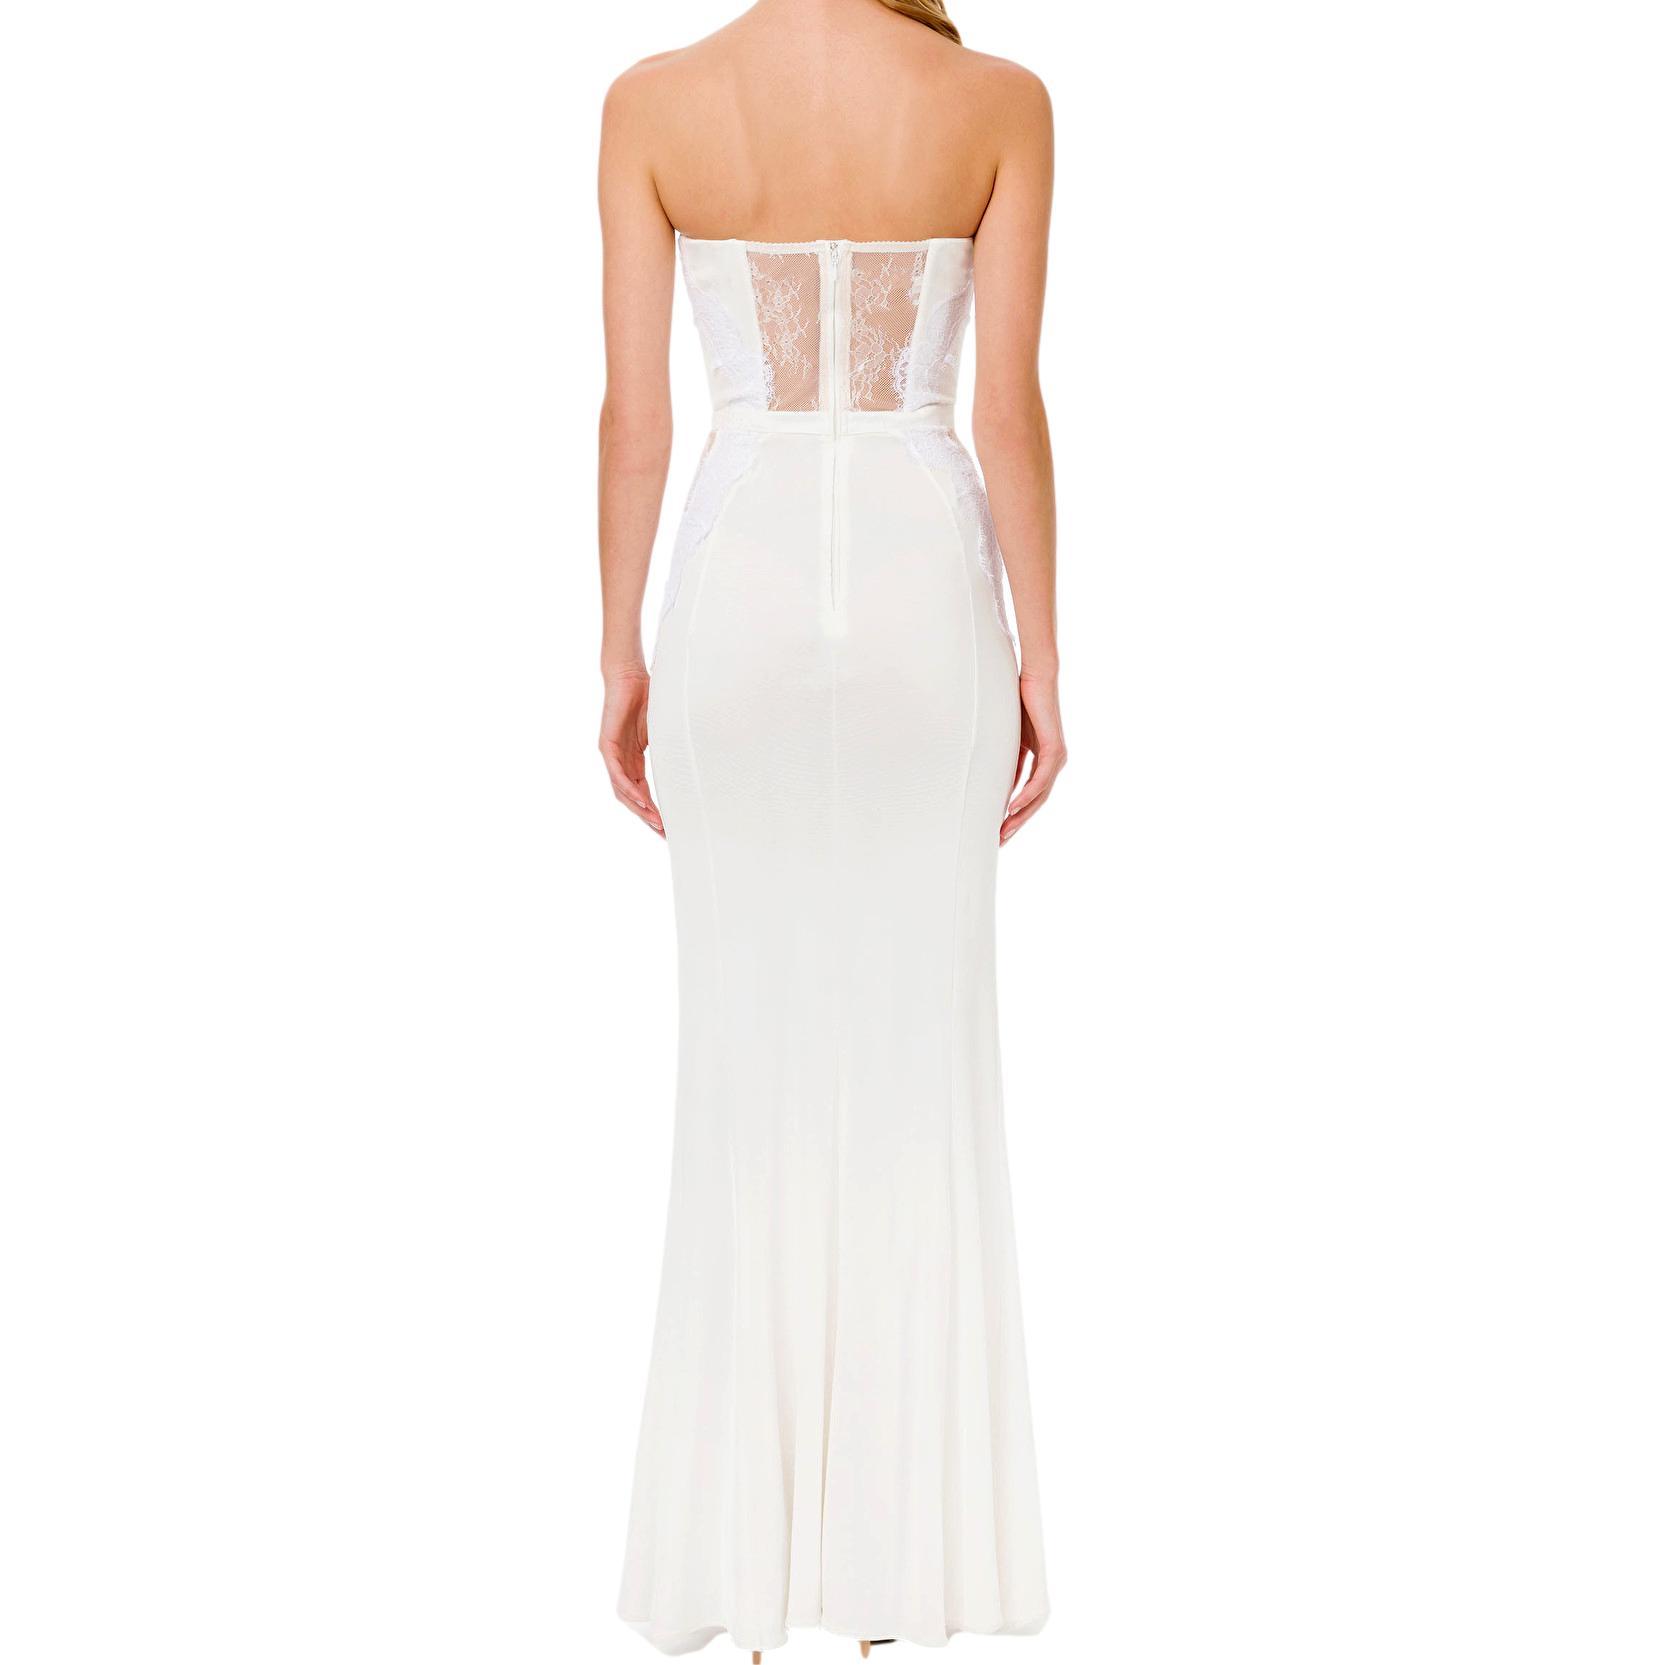 lace-panelled floor-length gown ELISABETTA FRANCHI |  | AB06111E2360